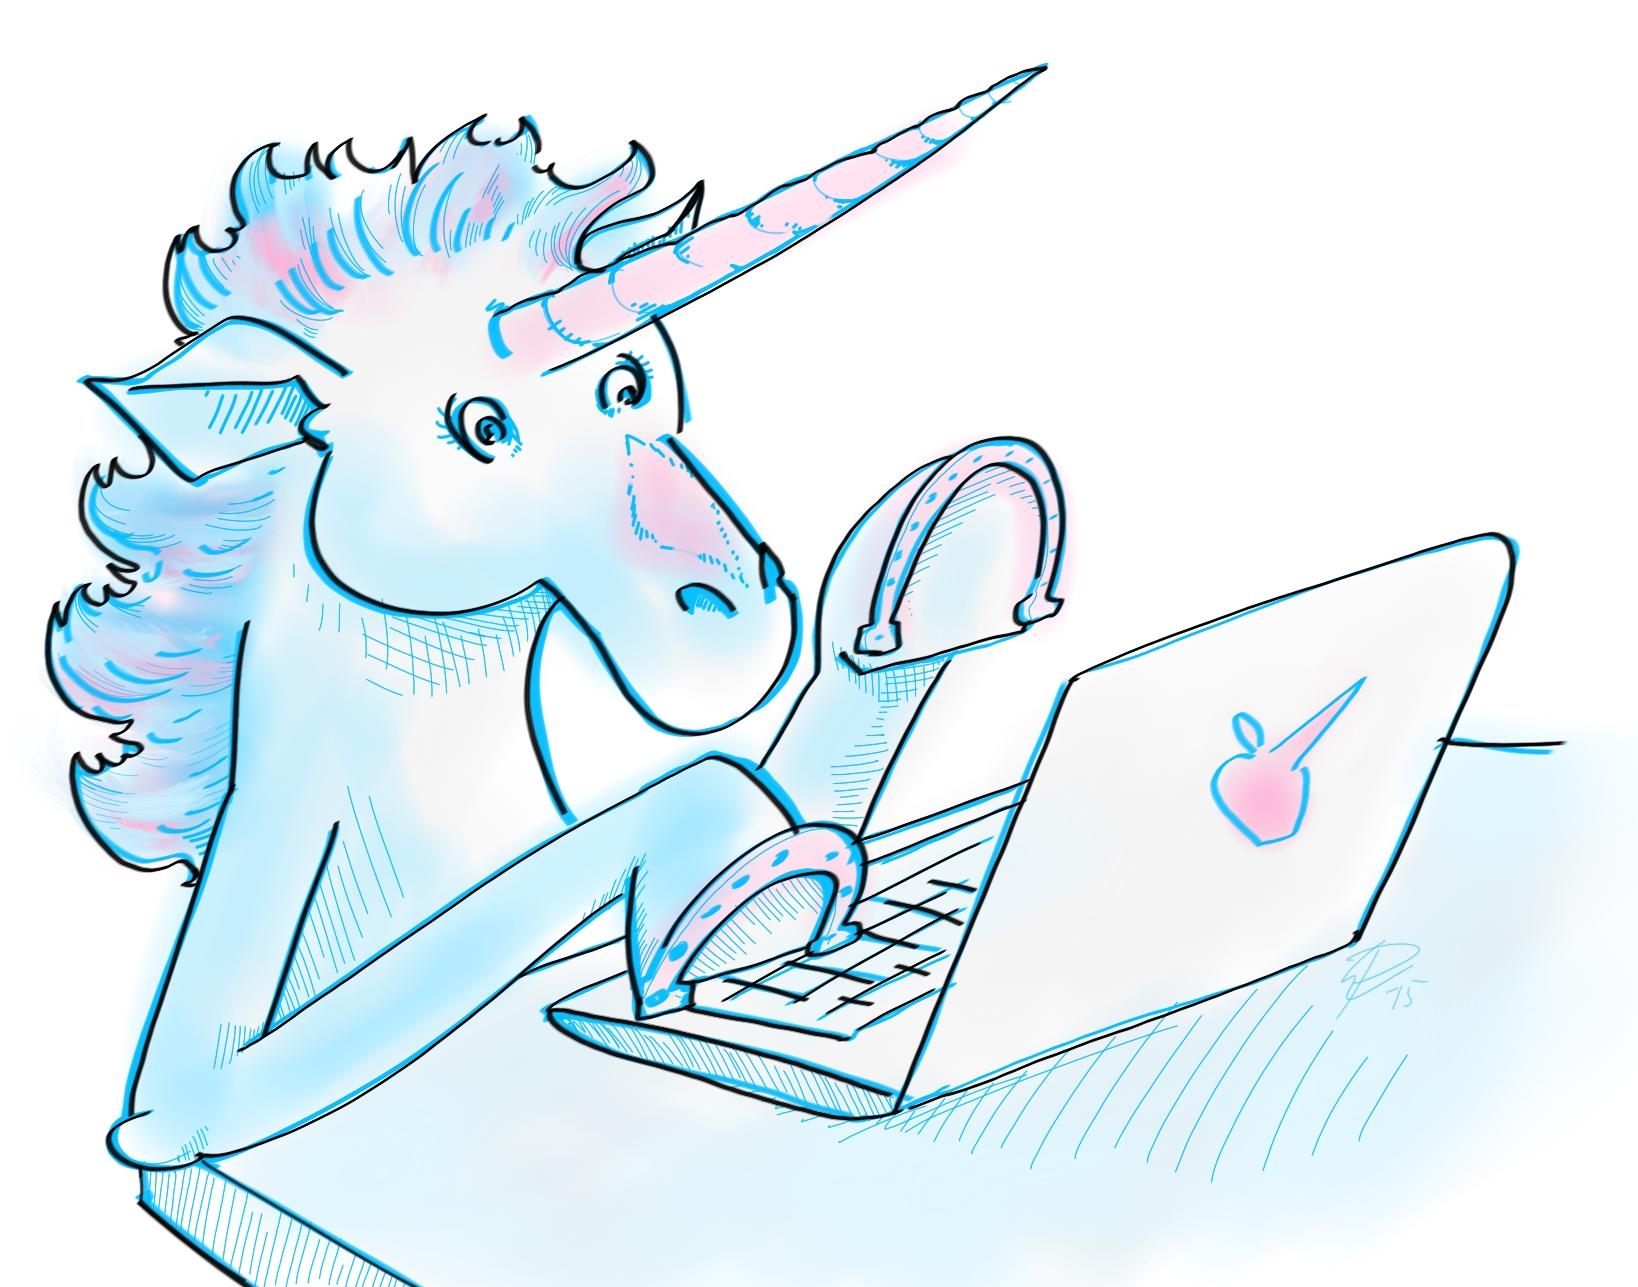 Coral Project unicorn, Paul Watson